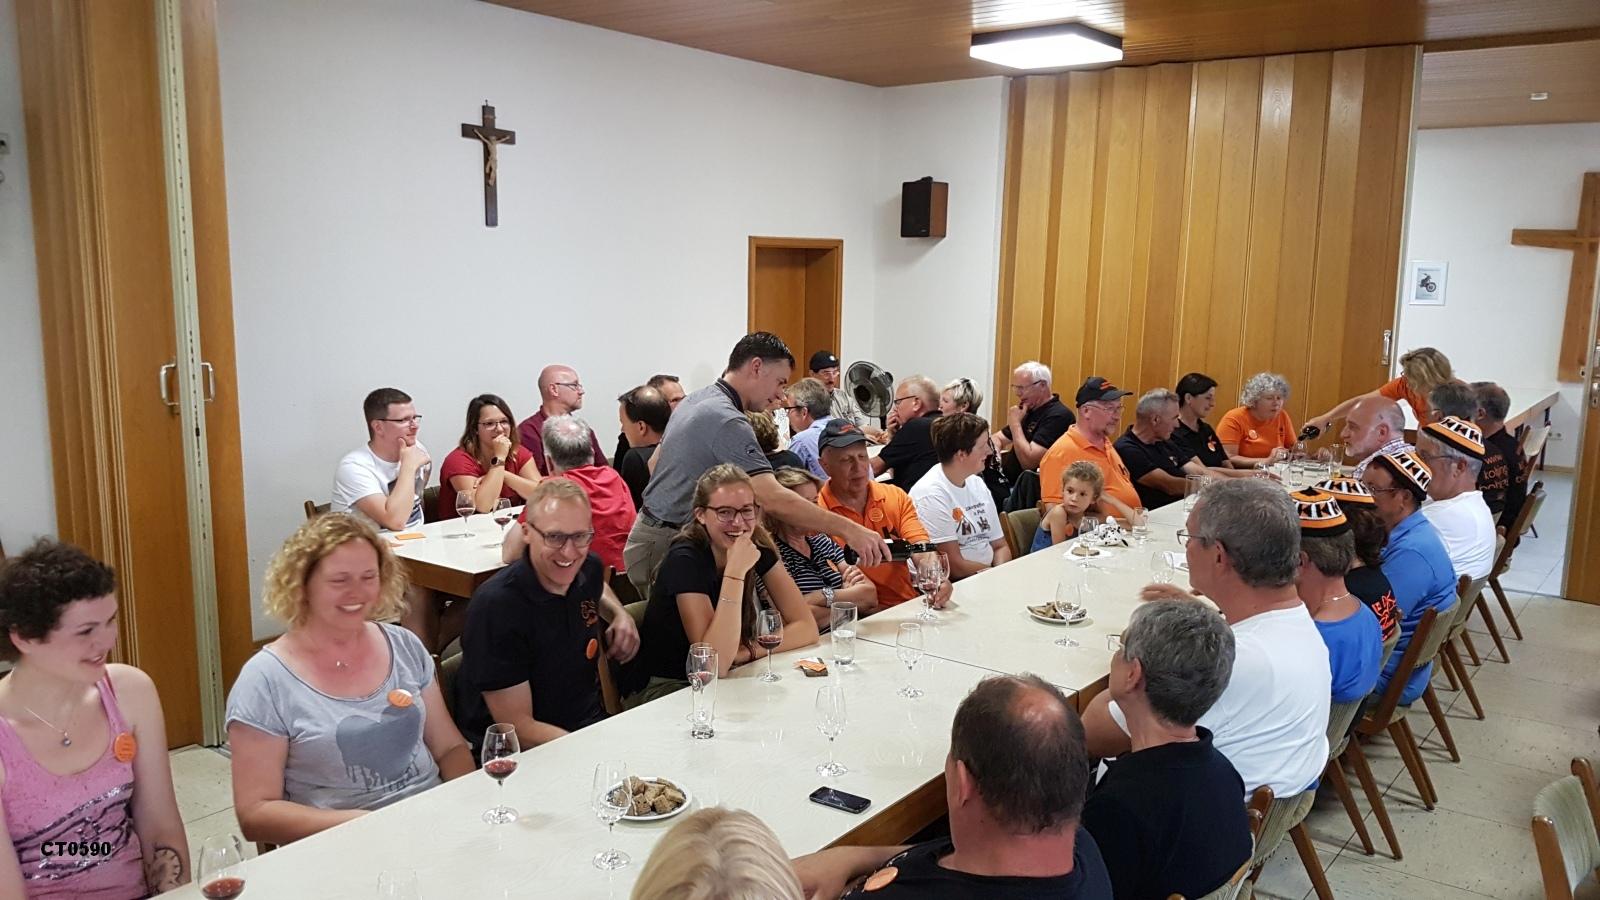 Pfälzer Weinprobe mit dem örtlichen Winzer Michael Hopp vom Weingut Hopp